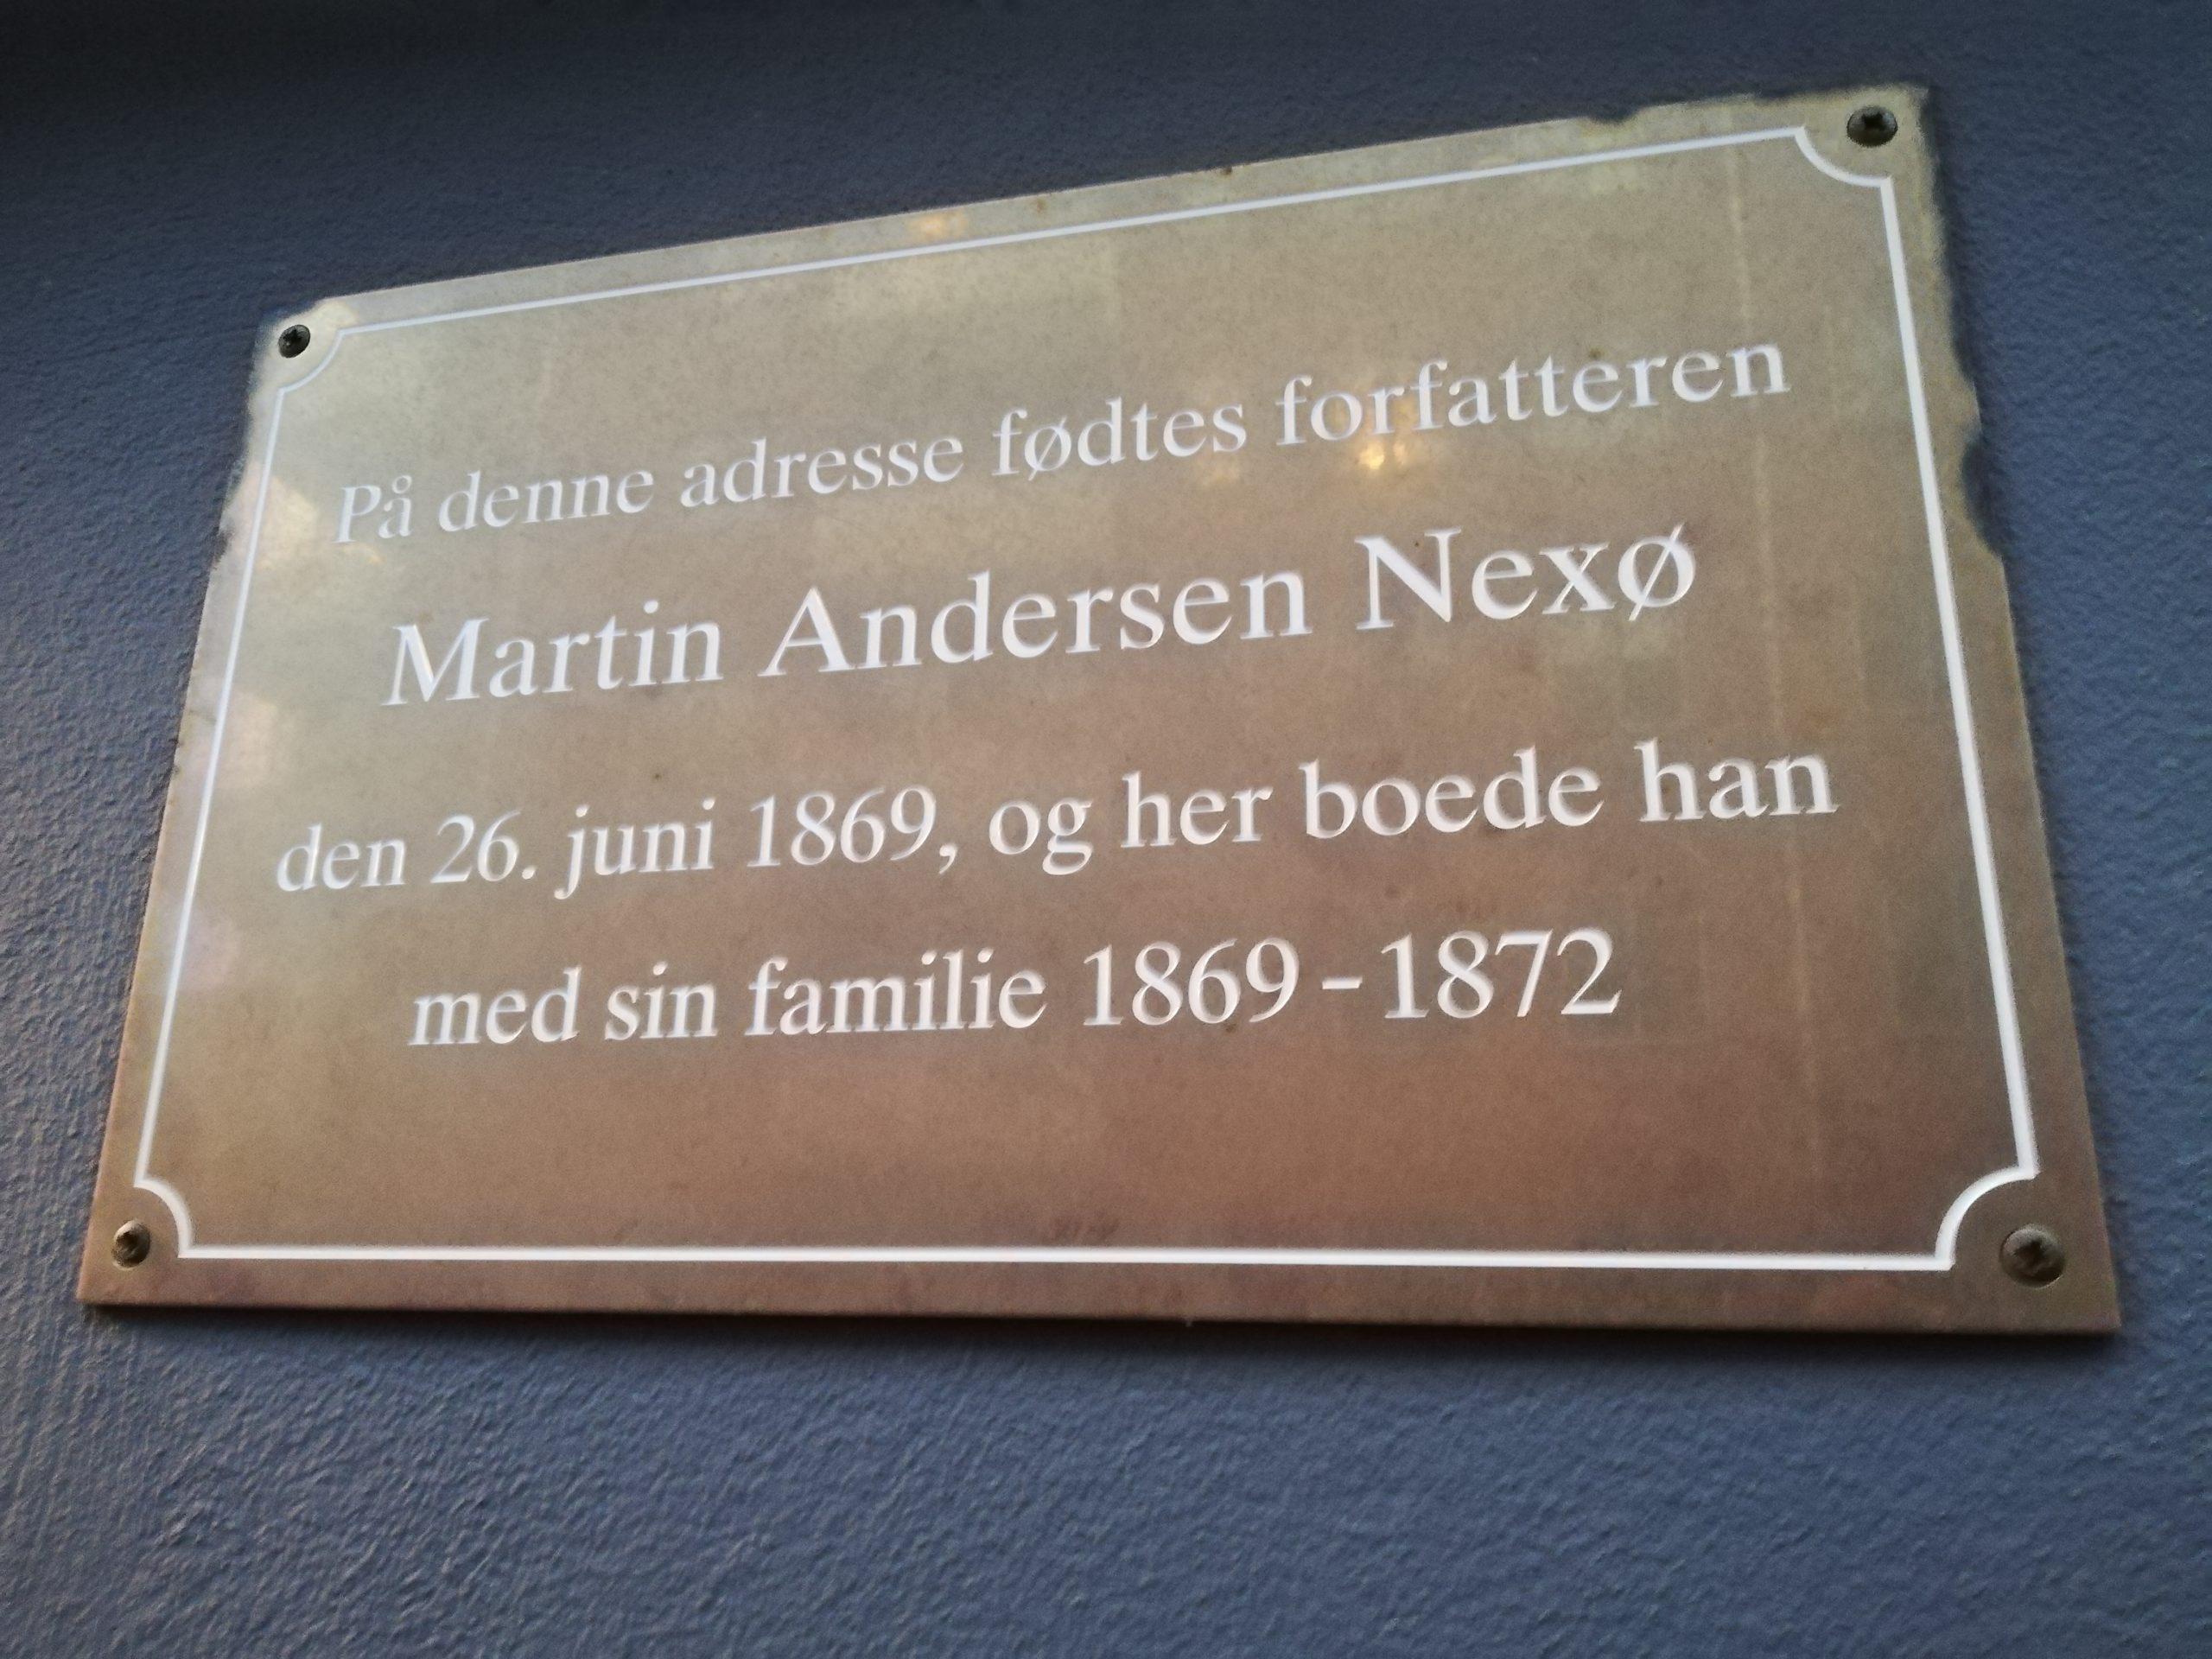 billede af mindepladen i Skt. Annægade